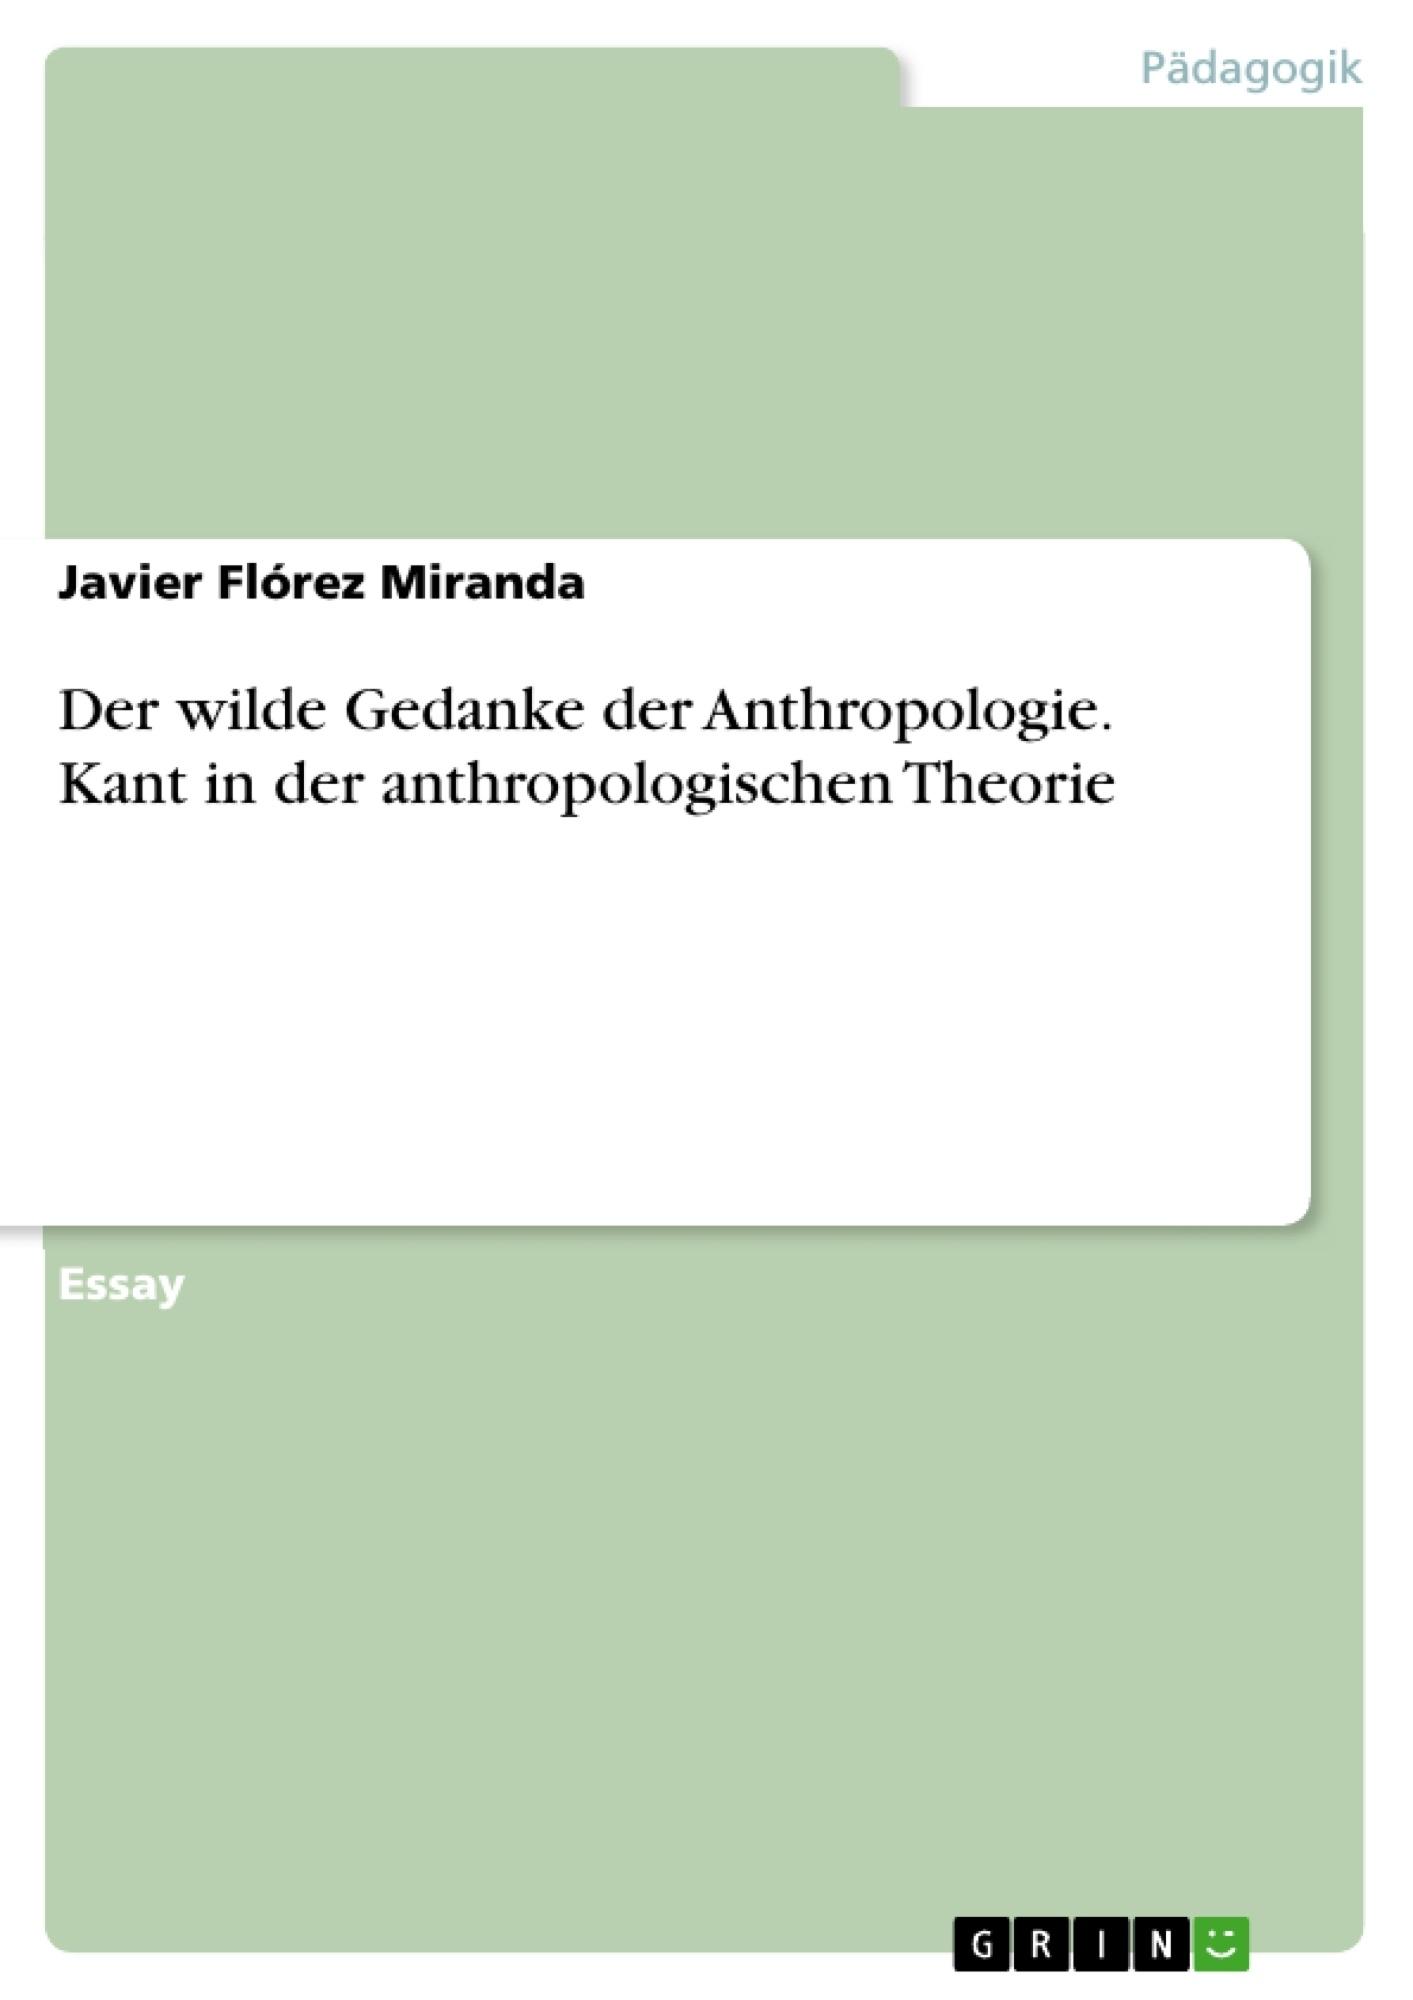 Titel: Der wilde Gedanke der Anthropologie. Kant in der anthropologischen Theorie